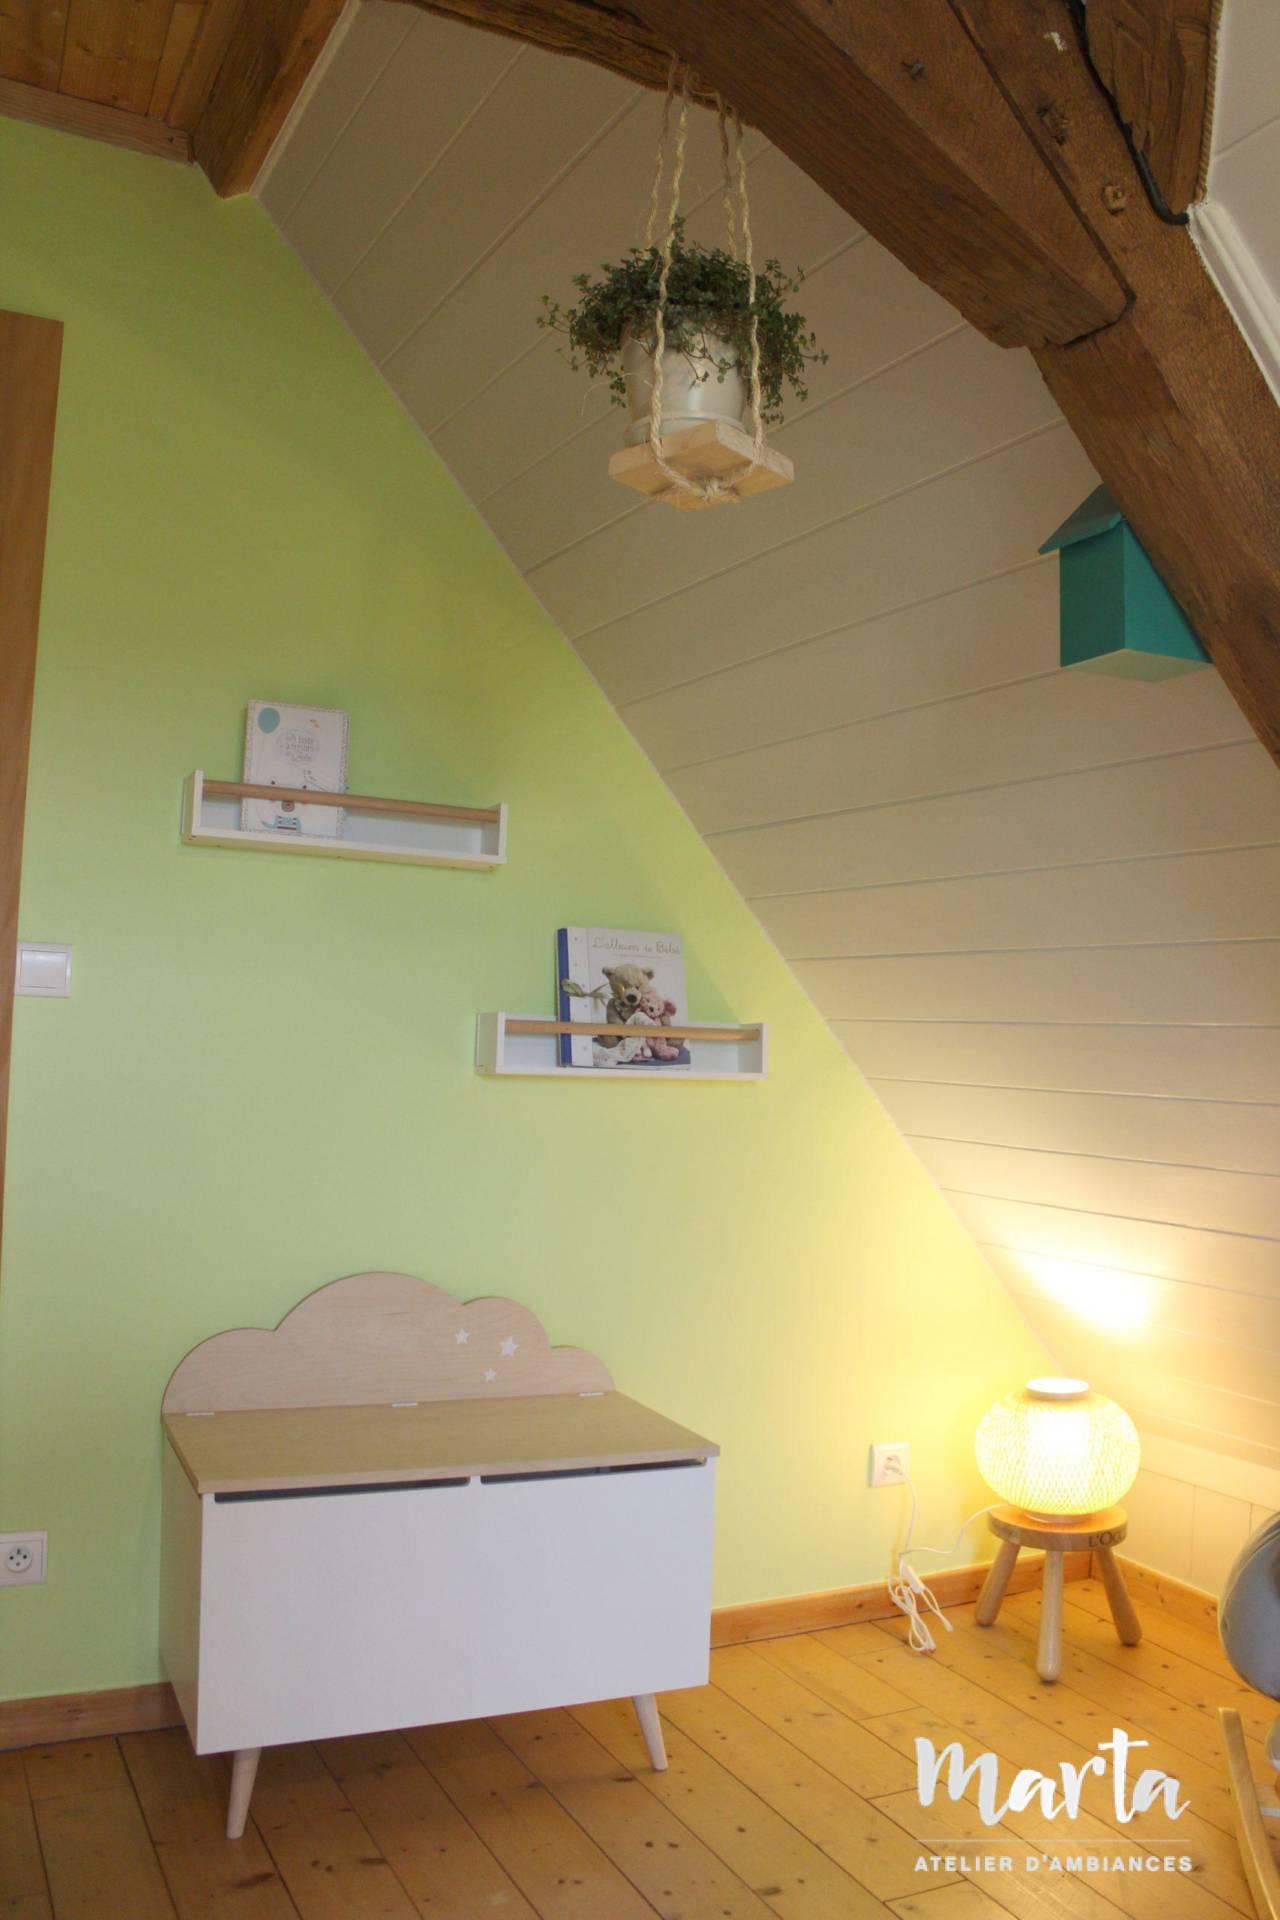 3. Vert citronnelle, blanc et bois clair sont le fil conducteur de ce projet